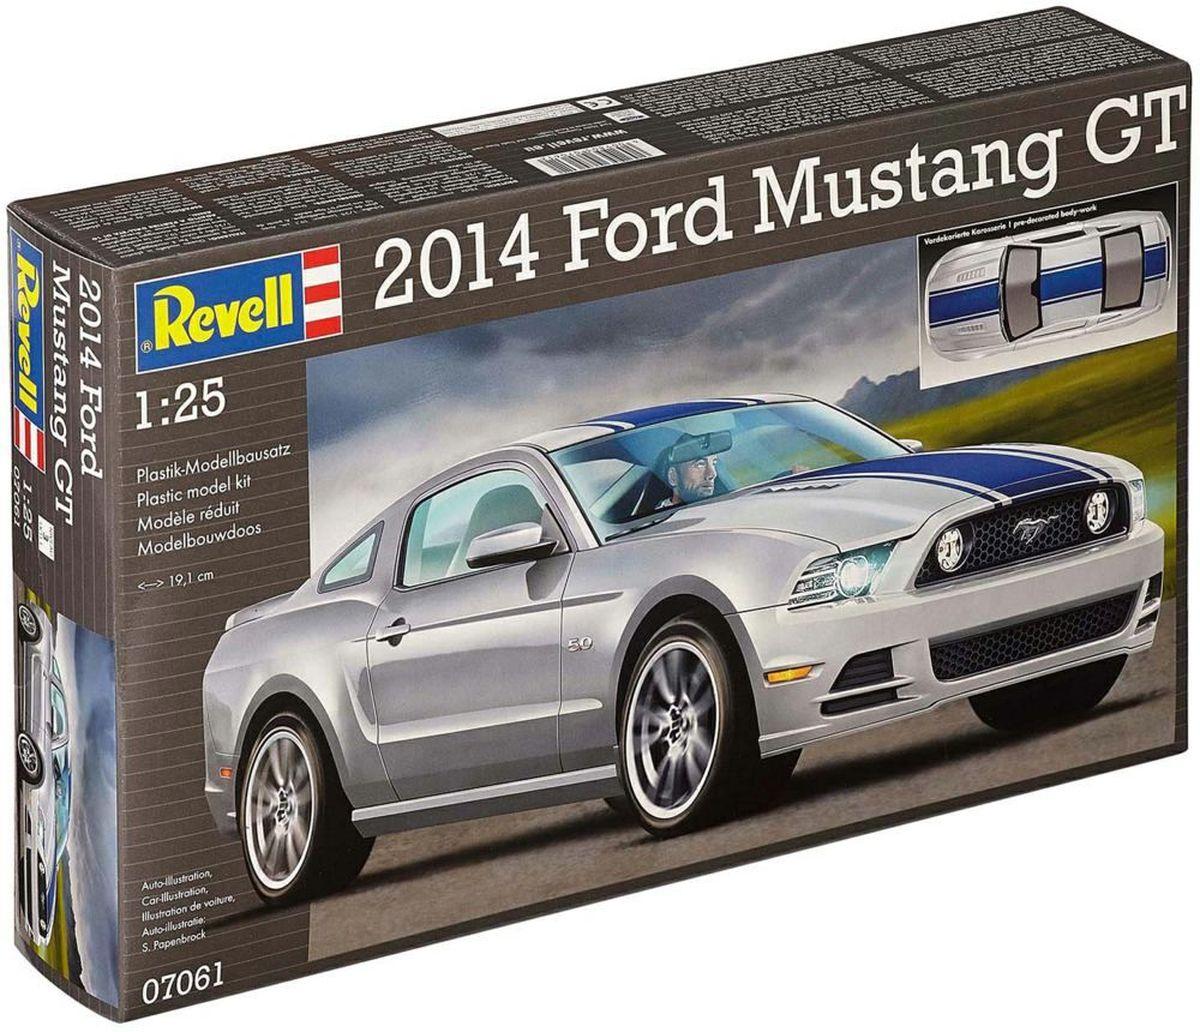 Revell Сборная модель Автомобиль 2014 Ford Mustang GT